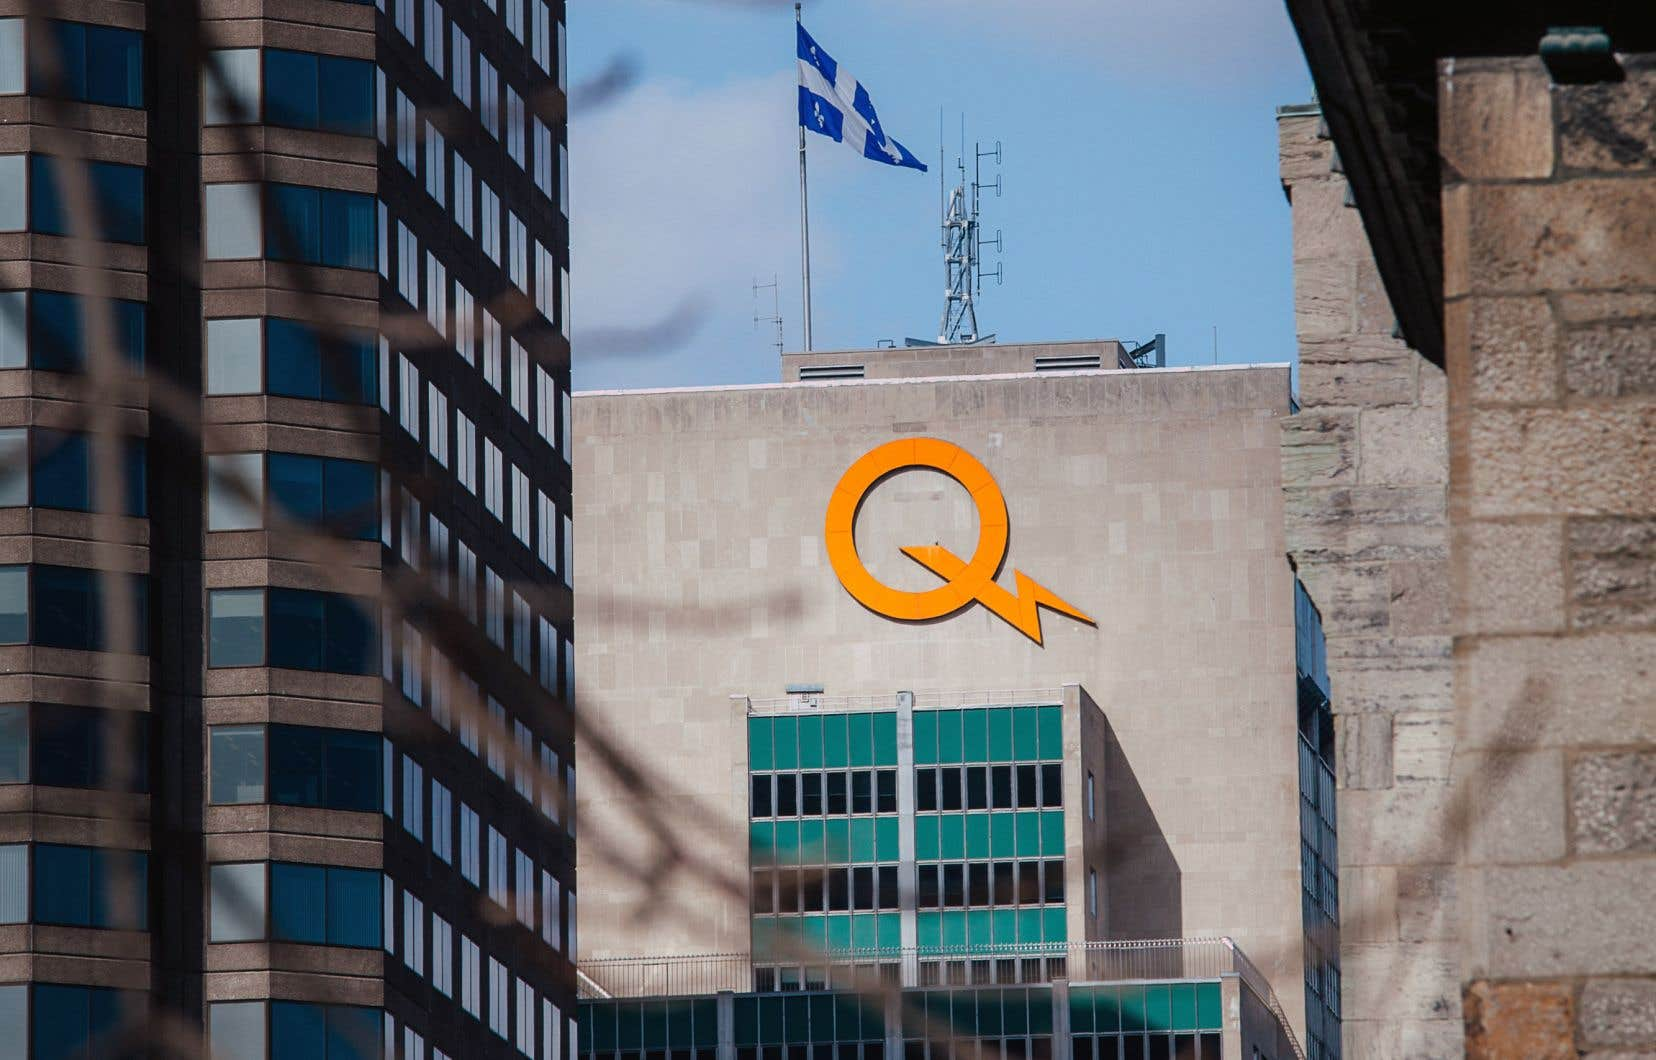 Le développement de la filière éolienne d'Hydro-Québec au cours des années 2000 faisait partie d'un désir de stimuler l'économie des régions.